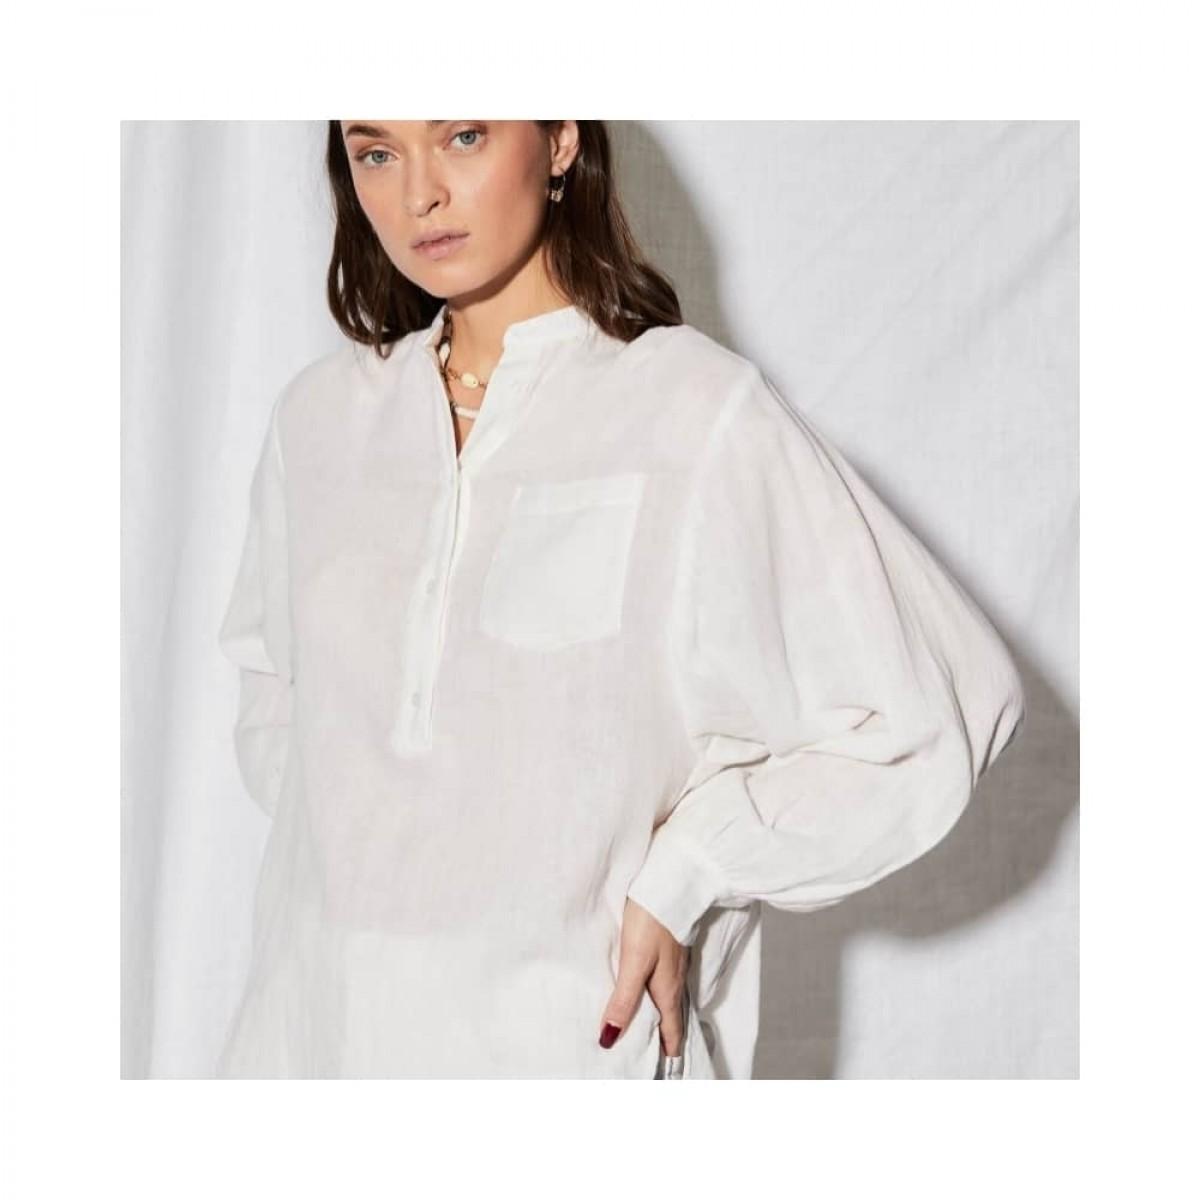 litonya skjorte - white - model ærme detalje